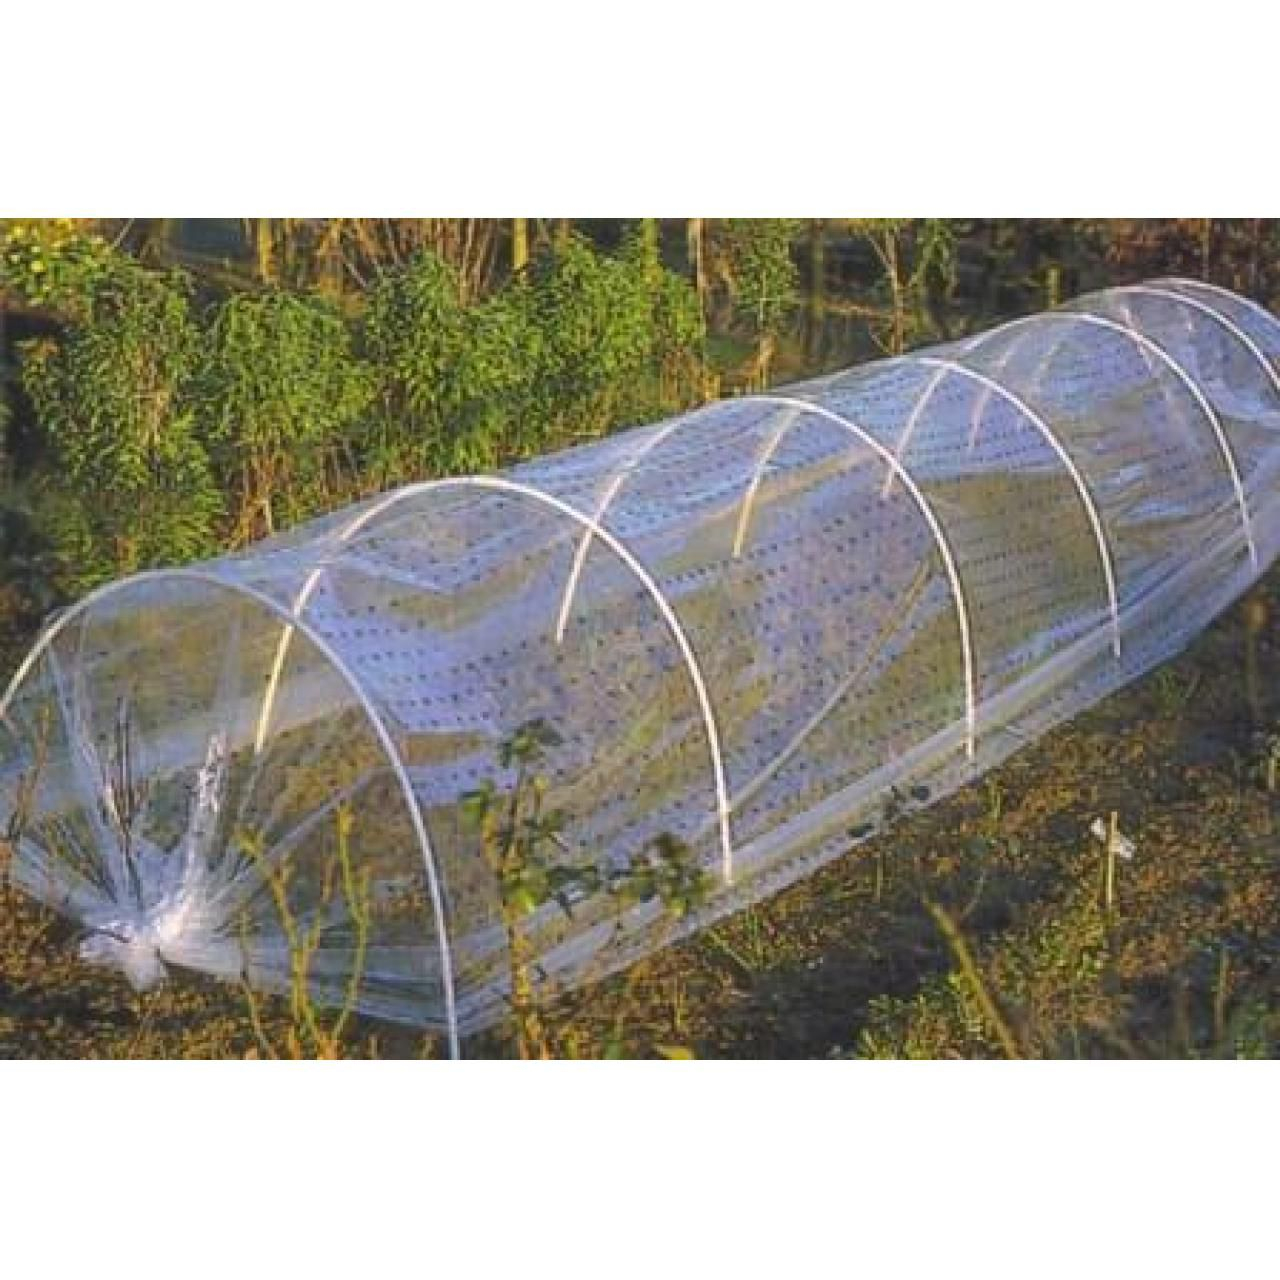 Arceaux De Jardin En Pvc - 2M dedans Tube Pour Serre De Jardin